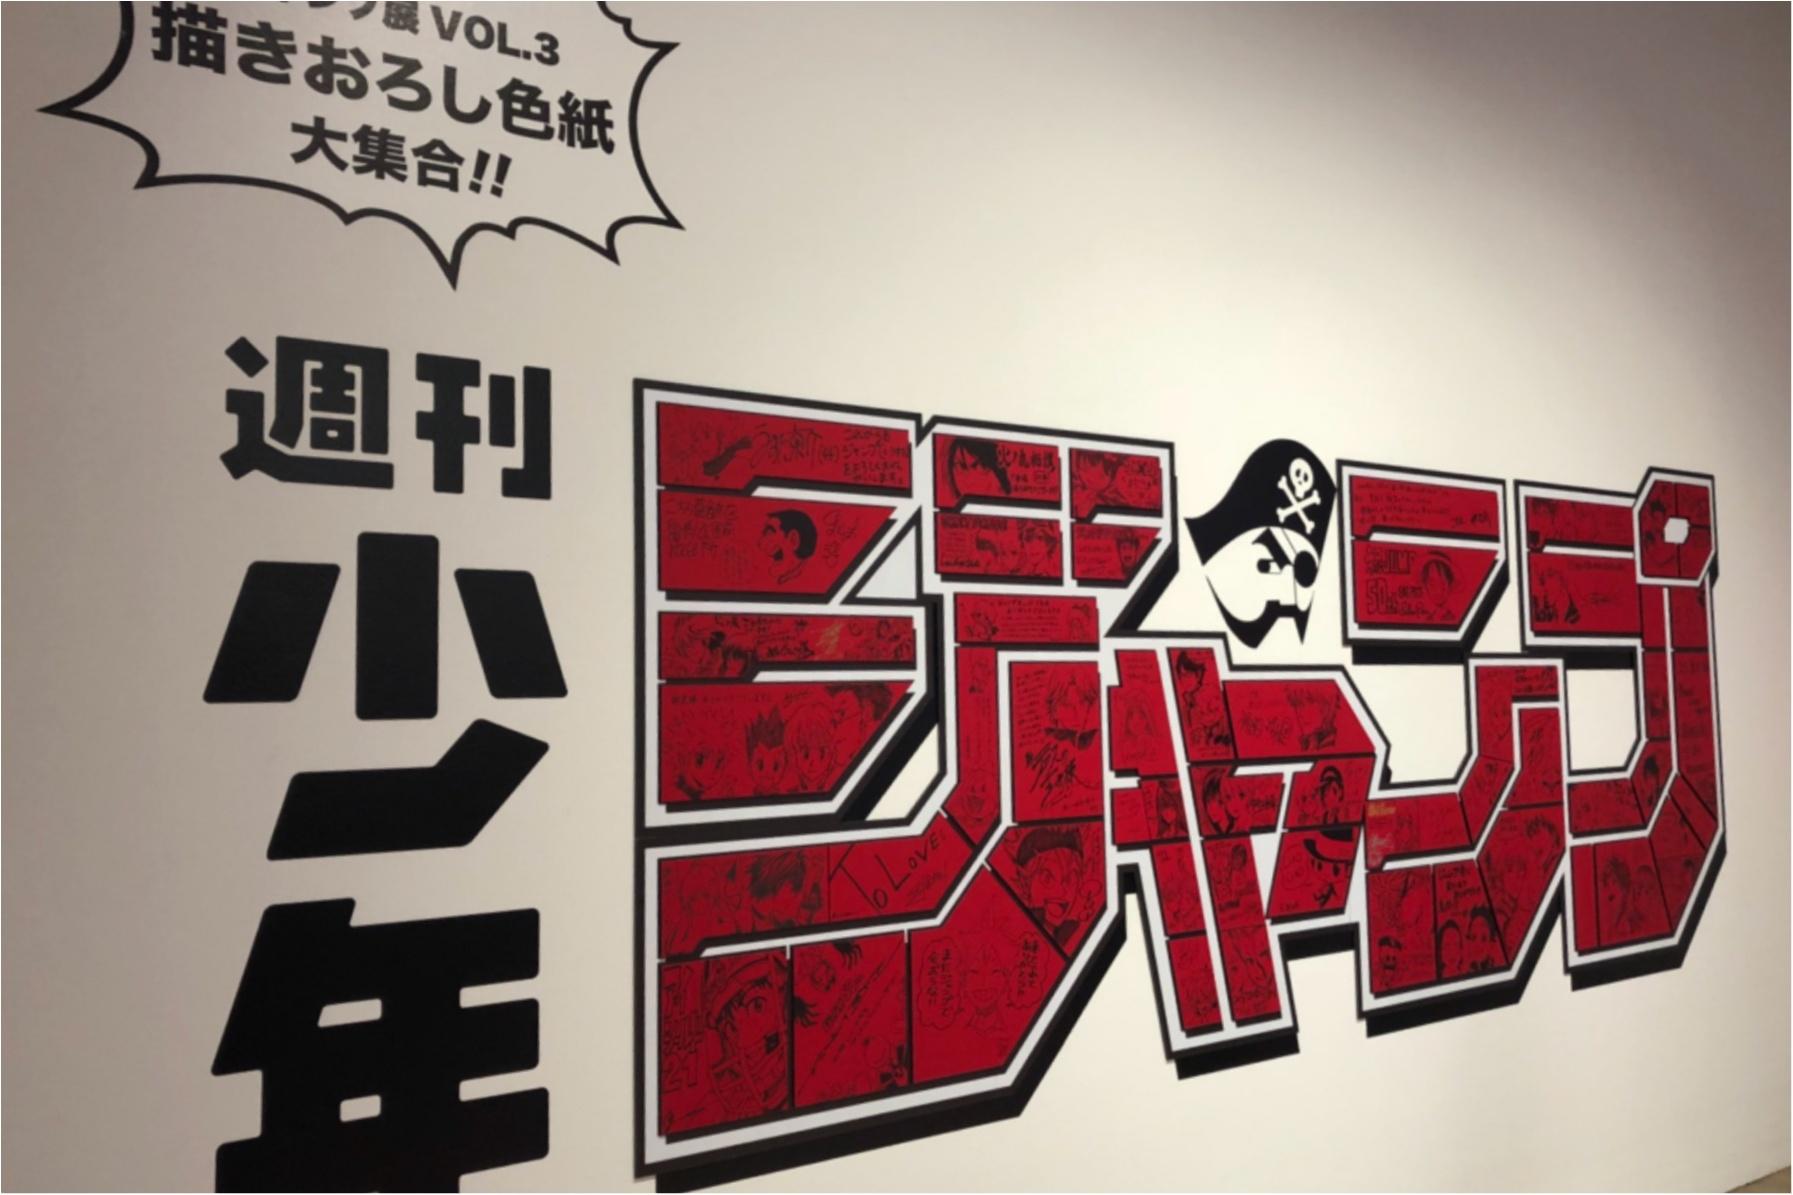 <9/30まで!>いよいよクライマックス!創刊50周年記念 週刊少年ジャンプ展VOL.3へ行ってきました♡_6